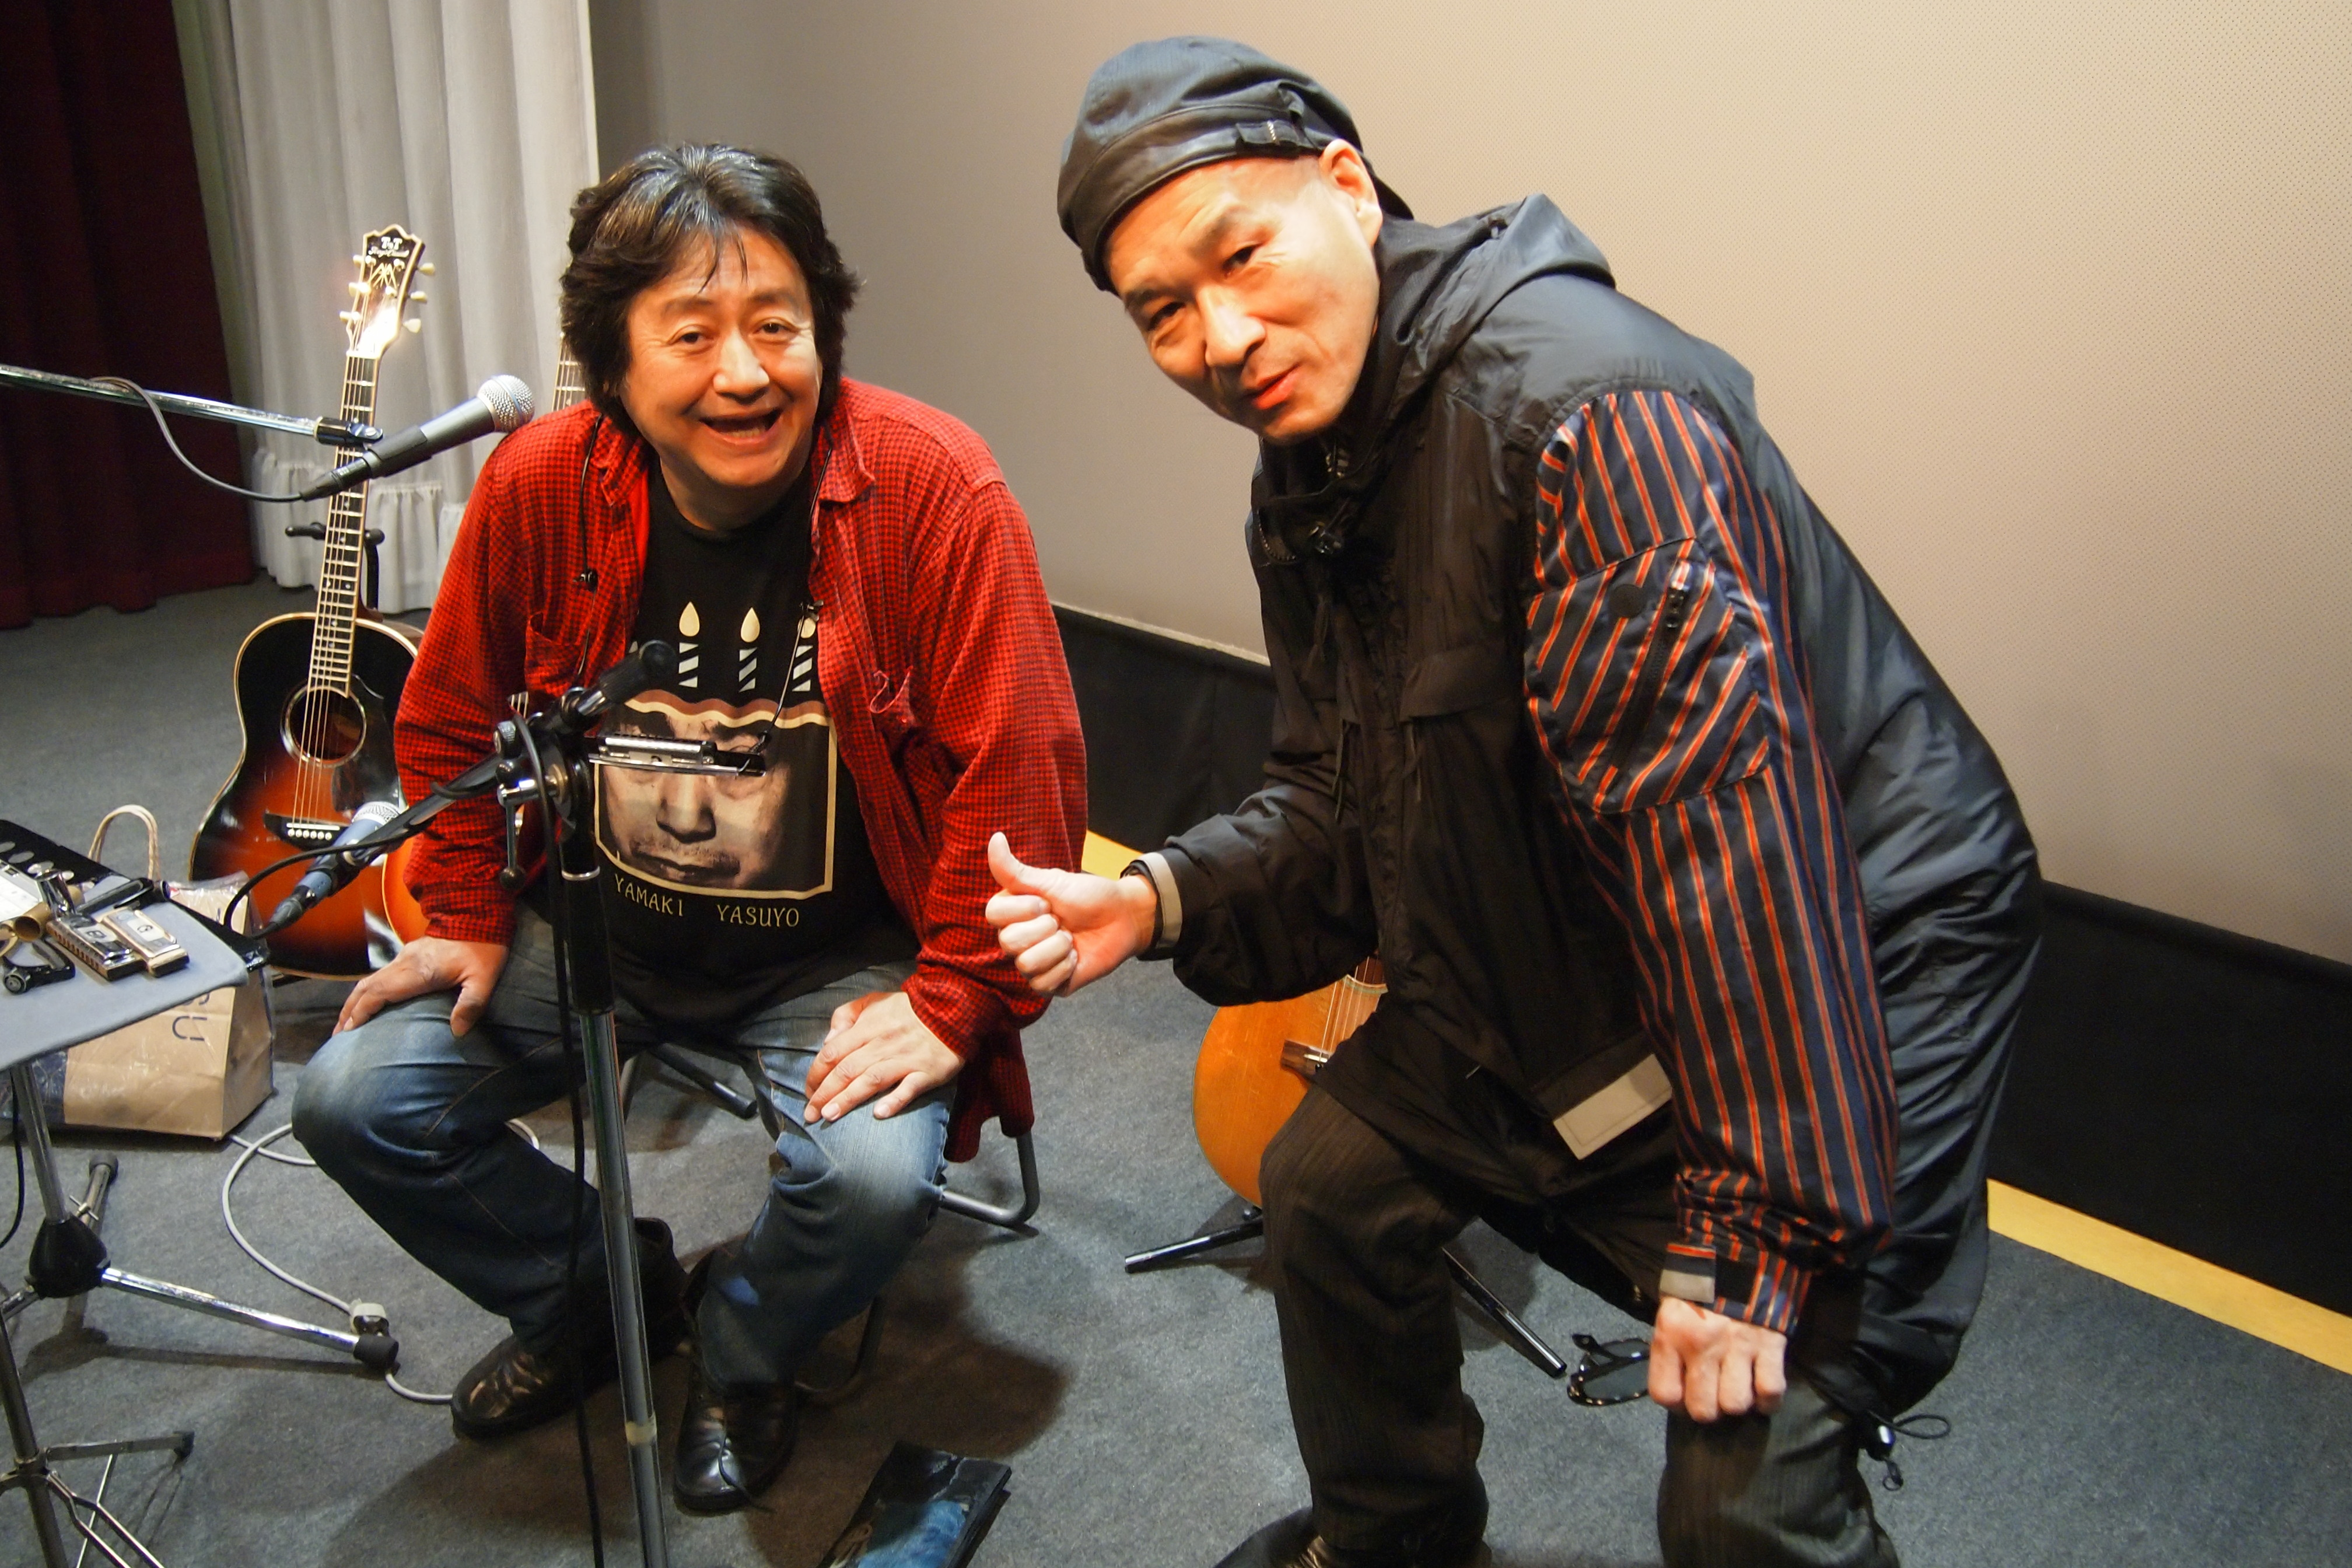 江古田マーキーの上野社長が激励に駆けつけてくださいました!